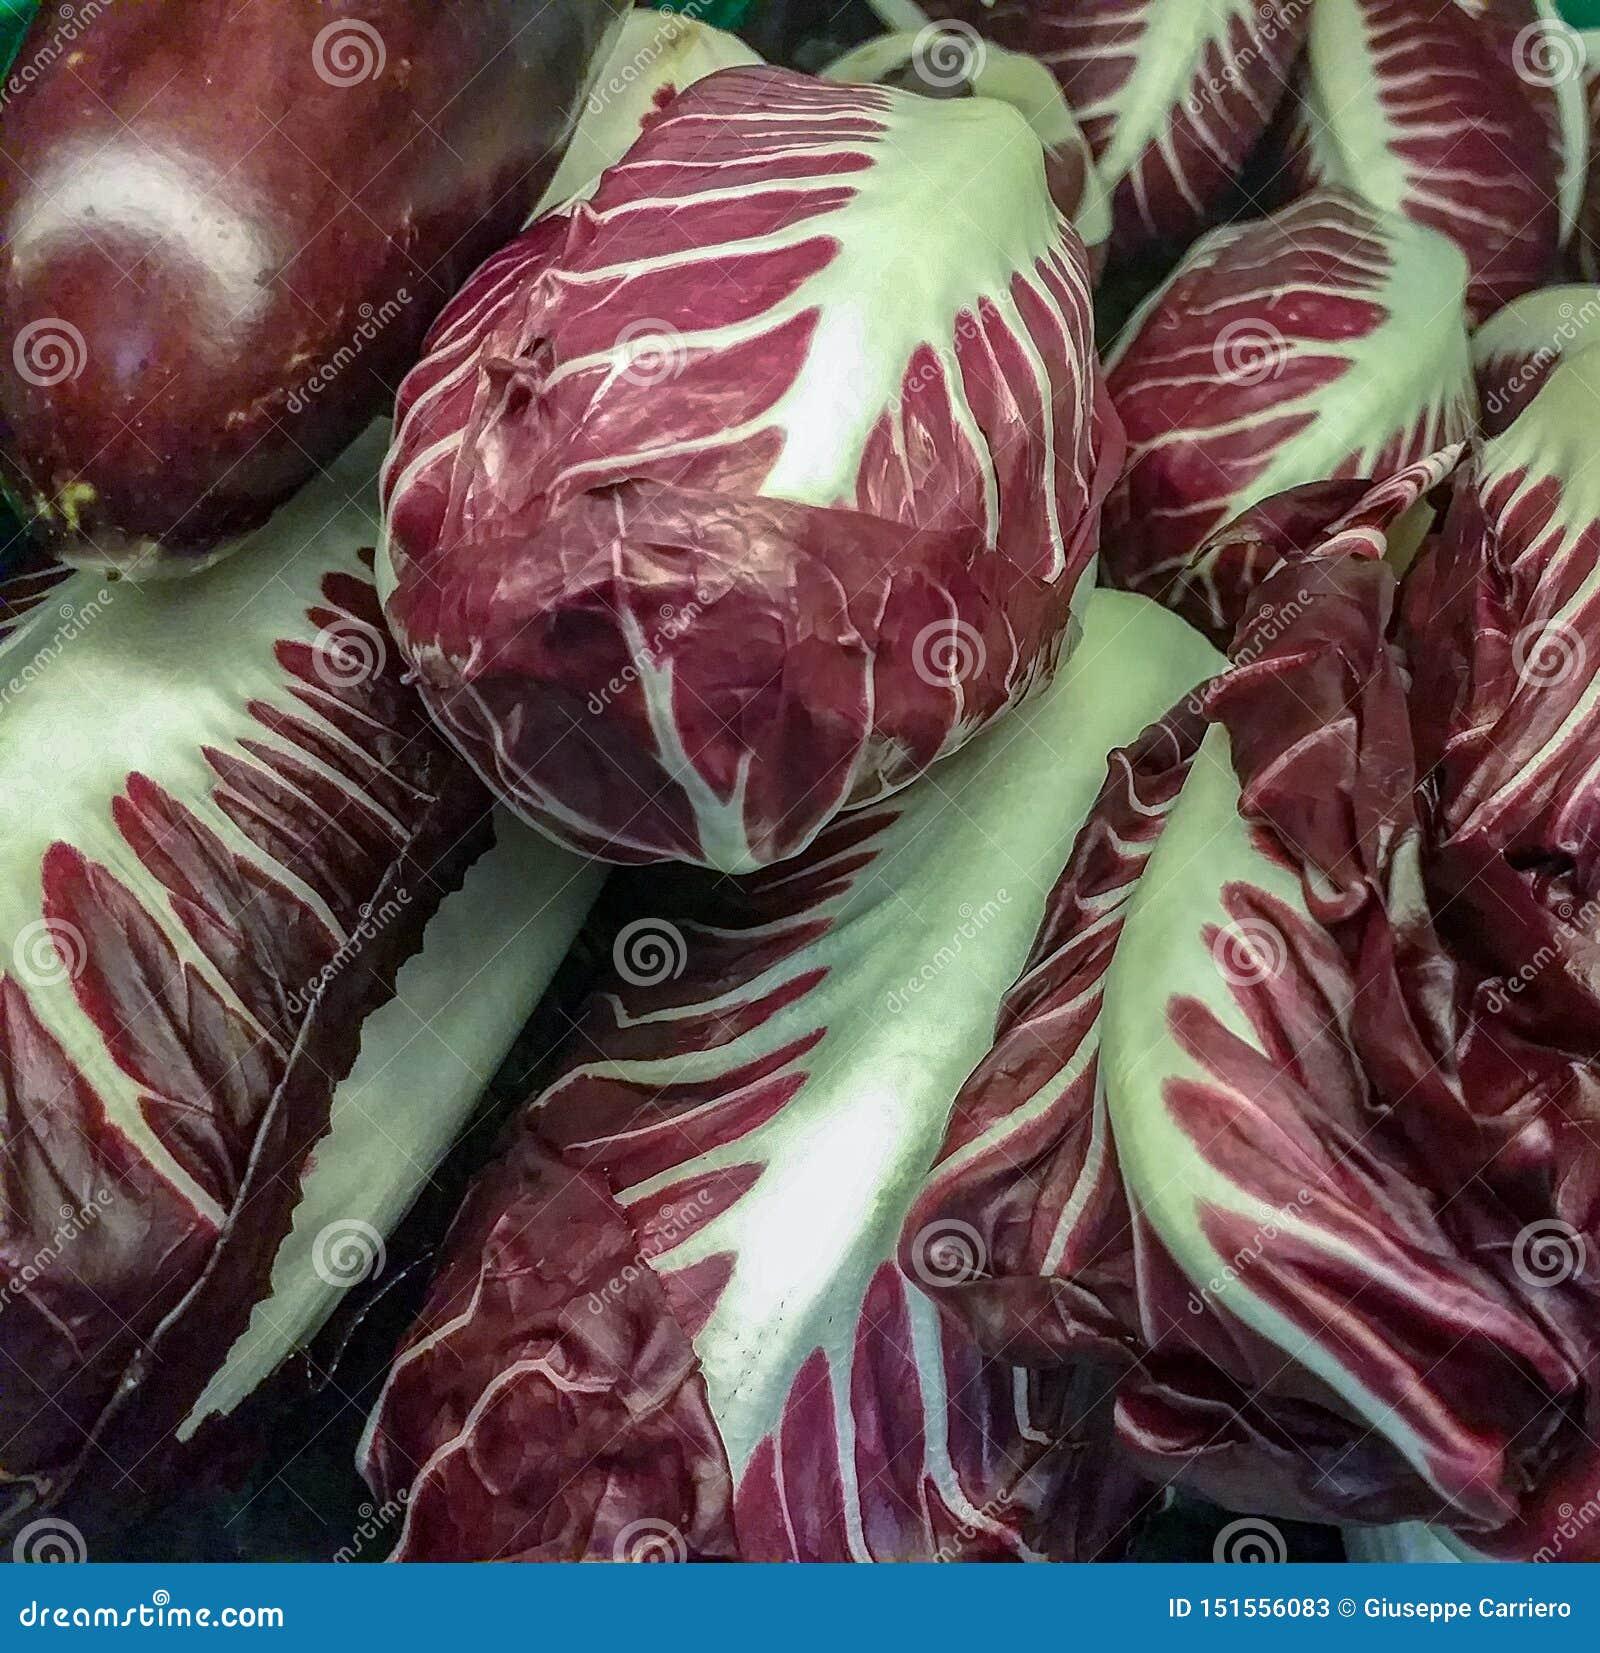 La pianta del radicchio, il nome scientifico Chicorium Intybus, appartiene alla famiglia composita, un gruppo di cicoria Al grupp